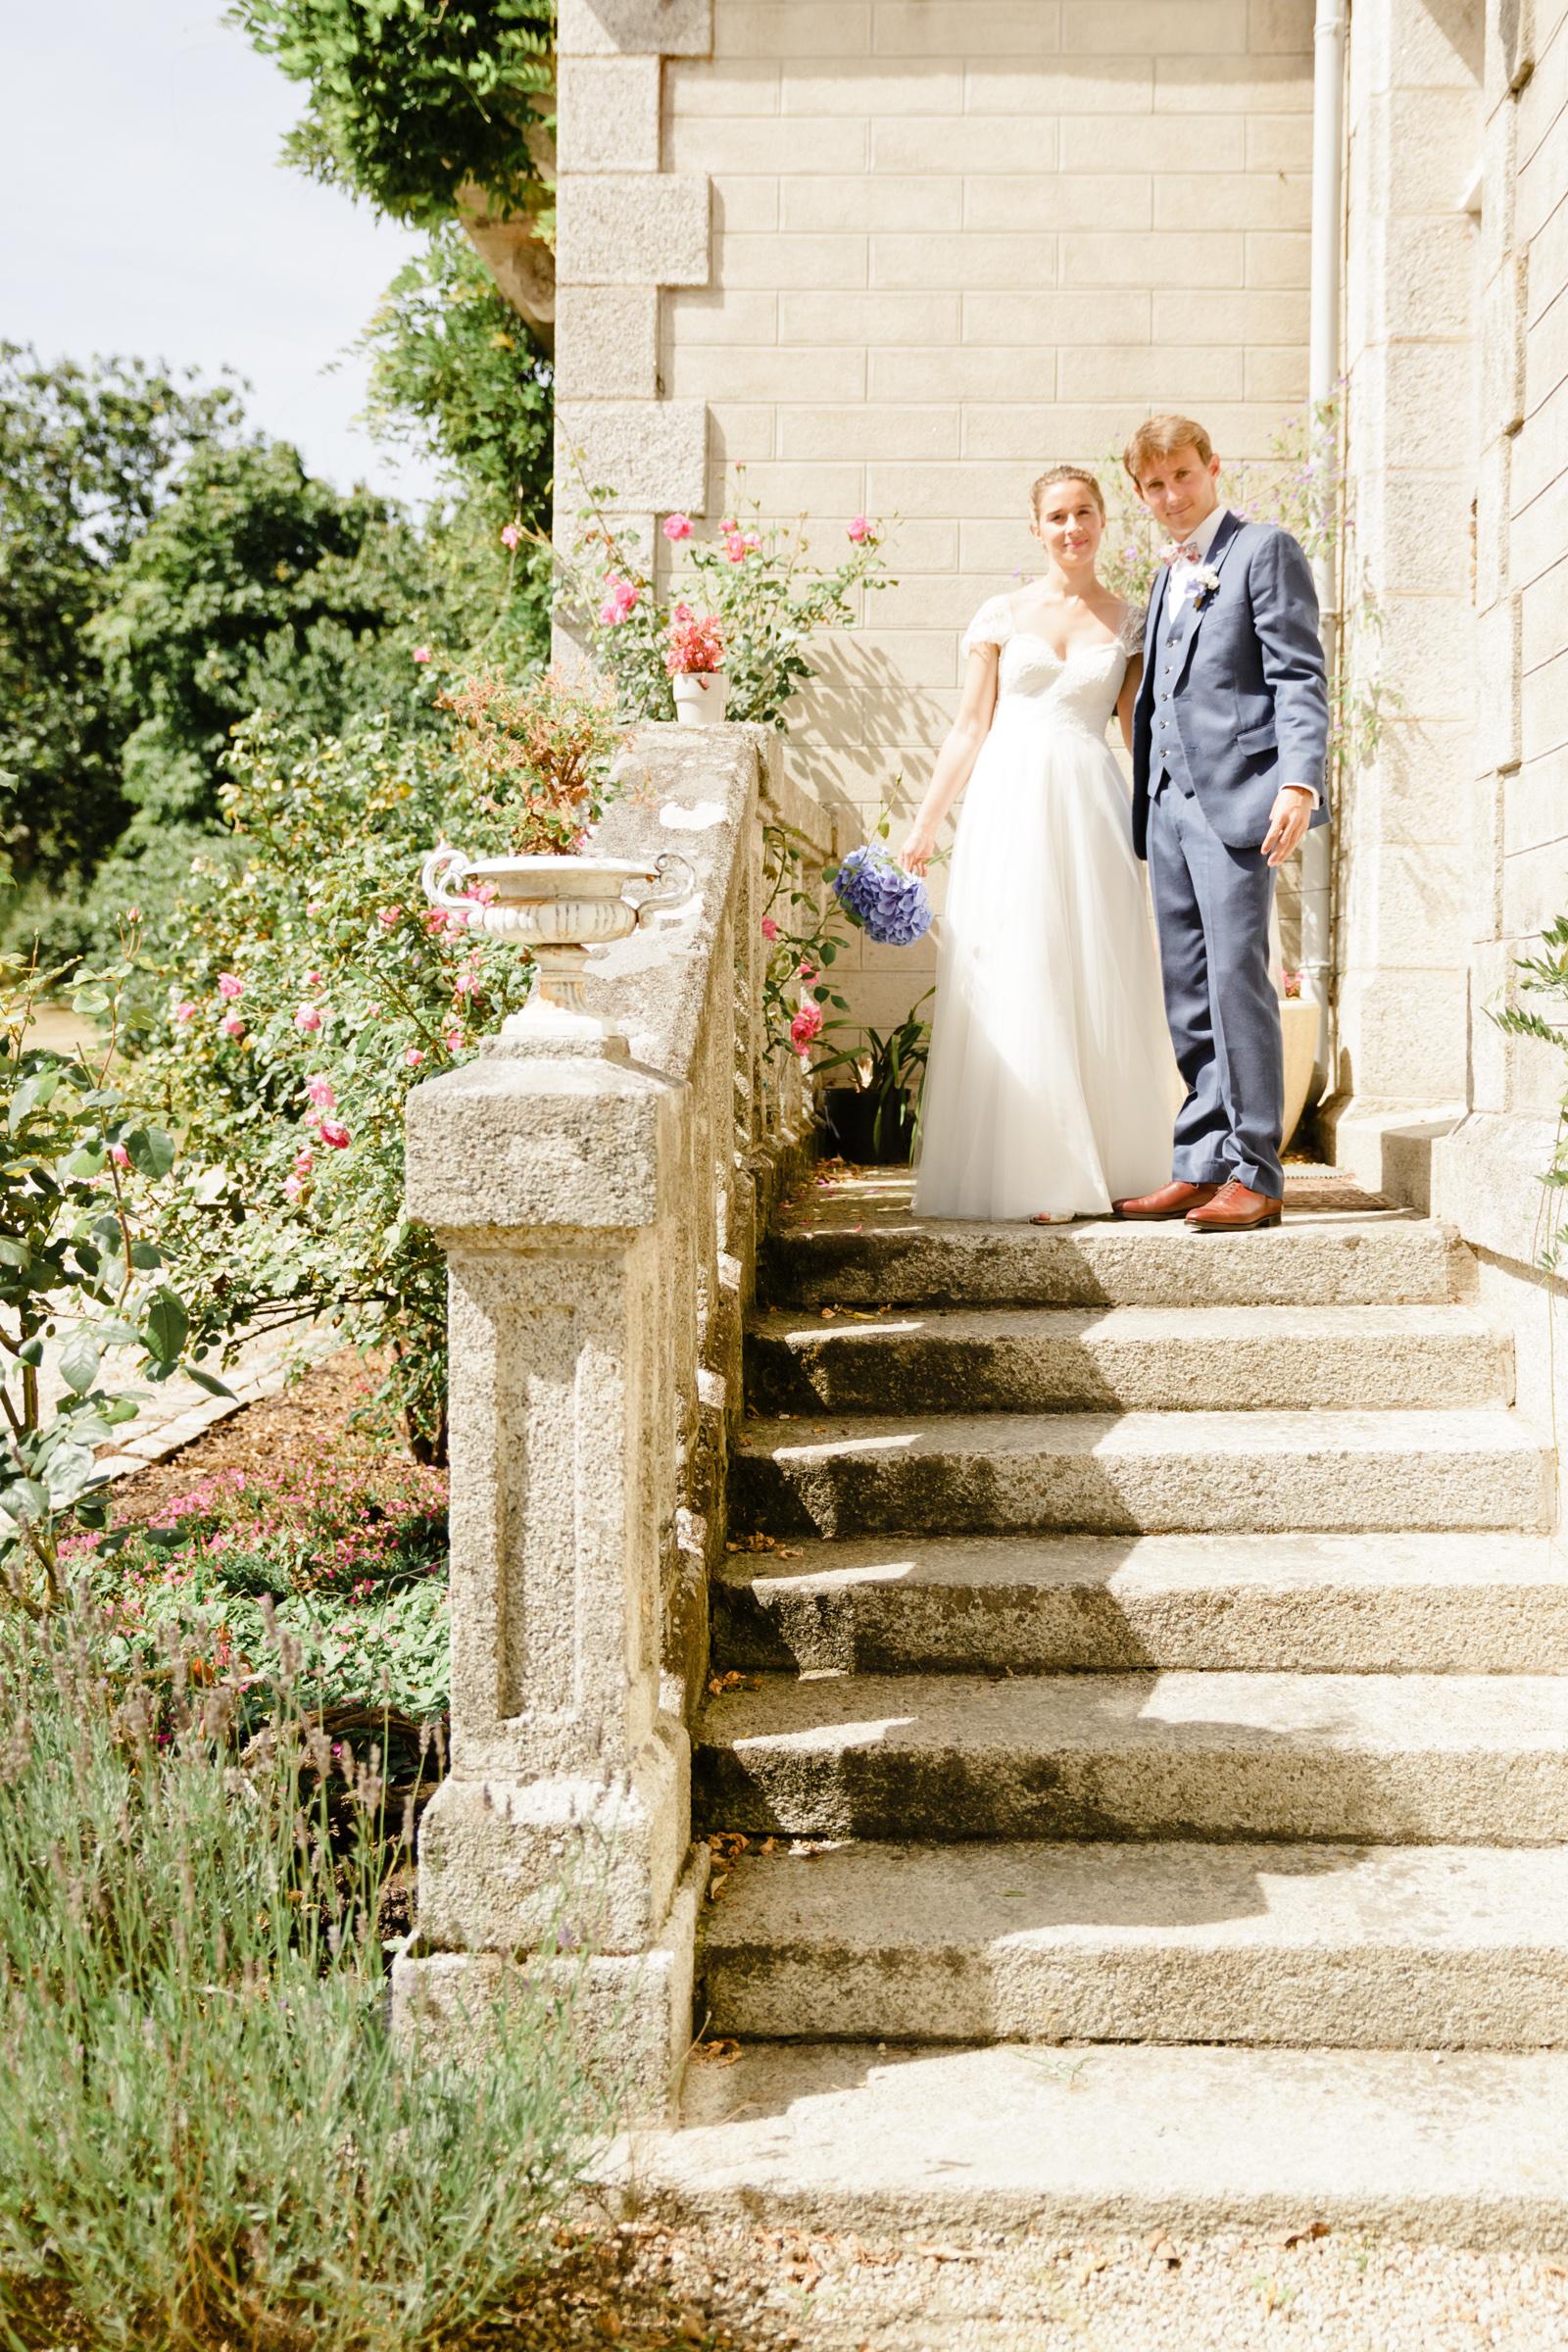 Photograhe-Mariage-Vannes-Bretagne-LV- Perrine et Bastien (30)